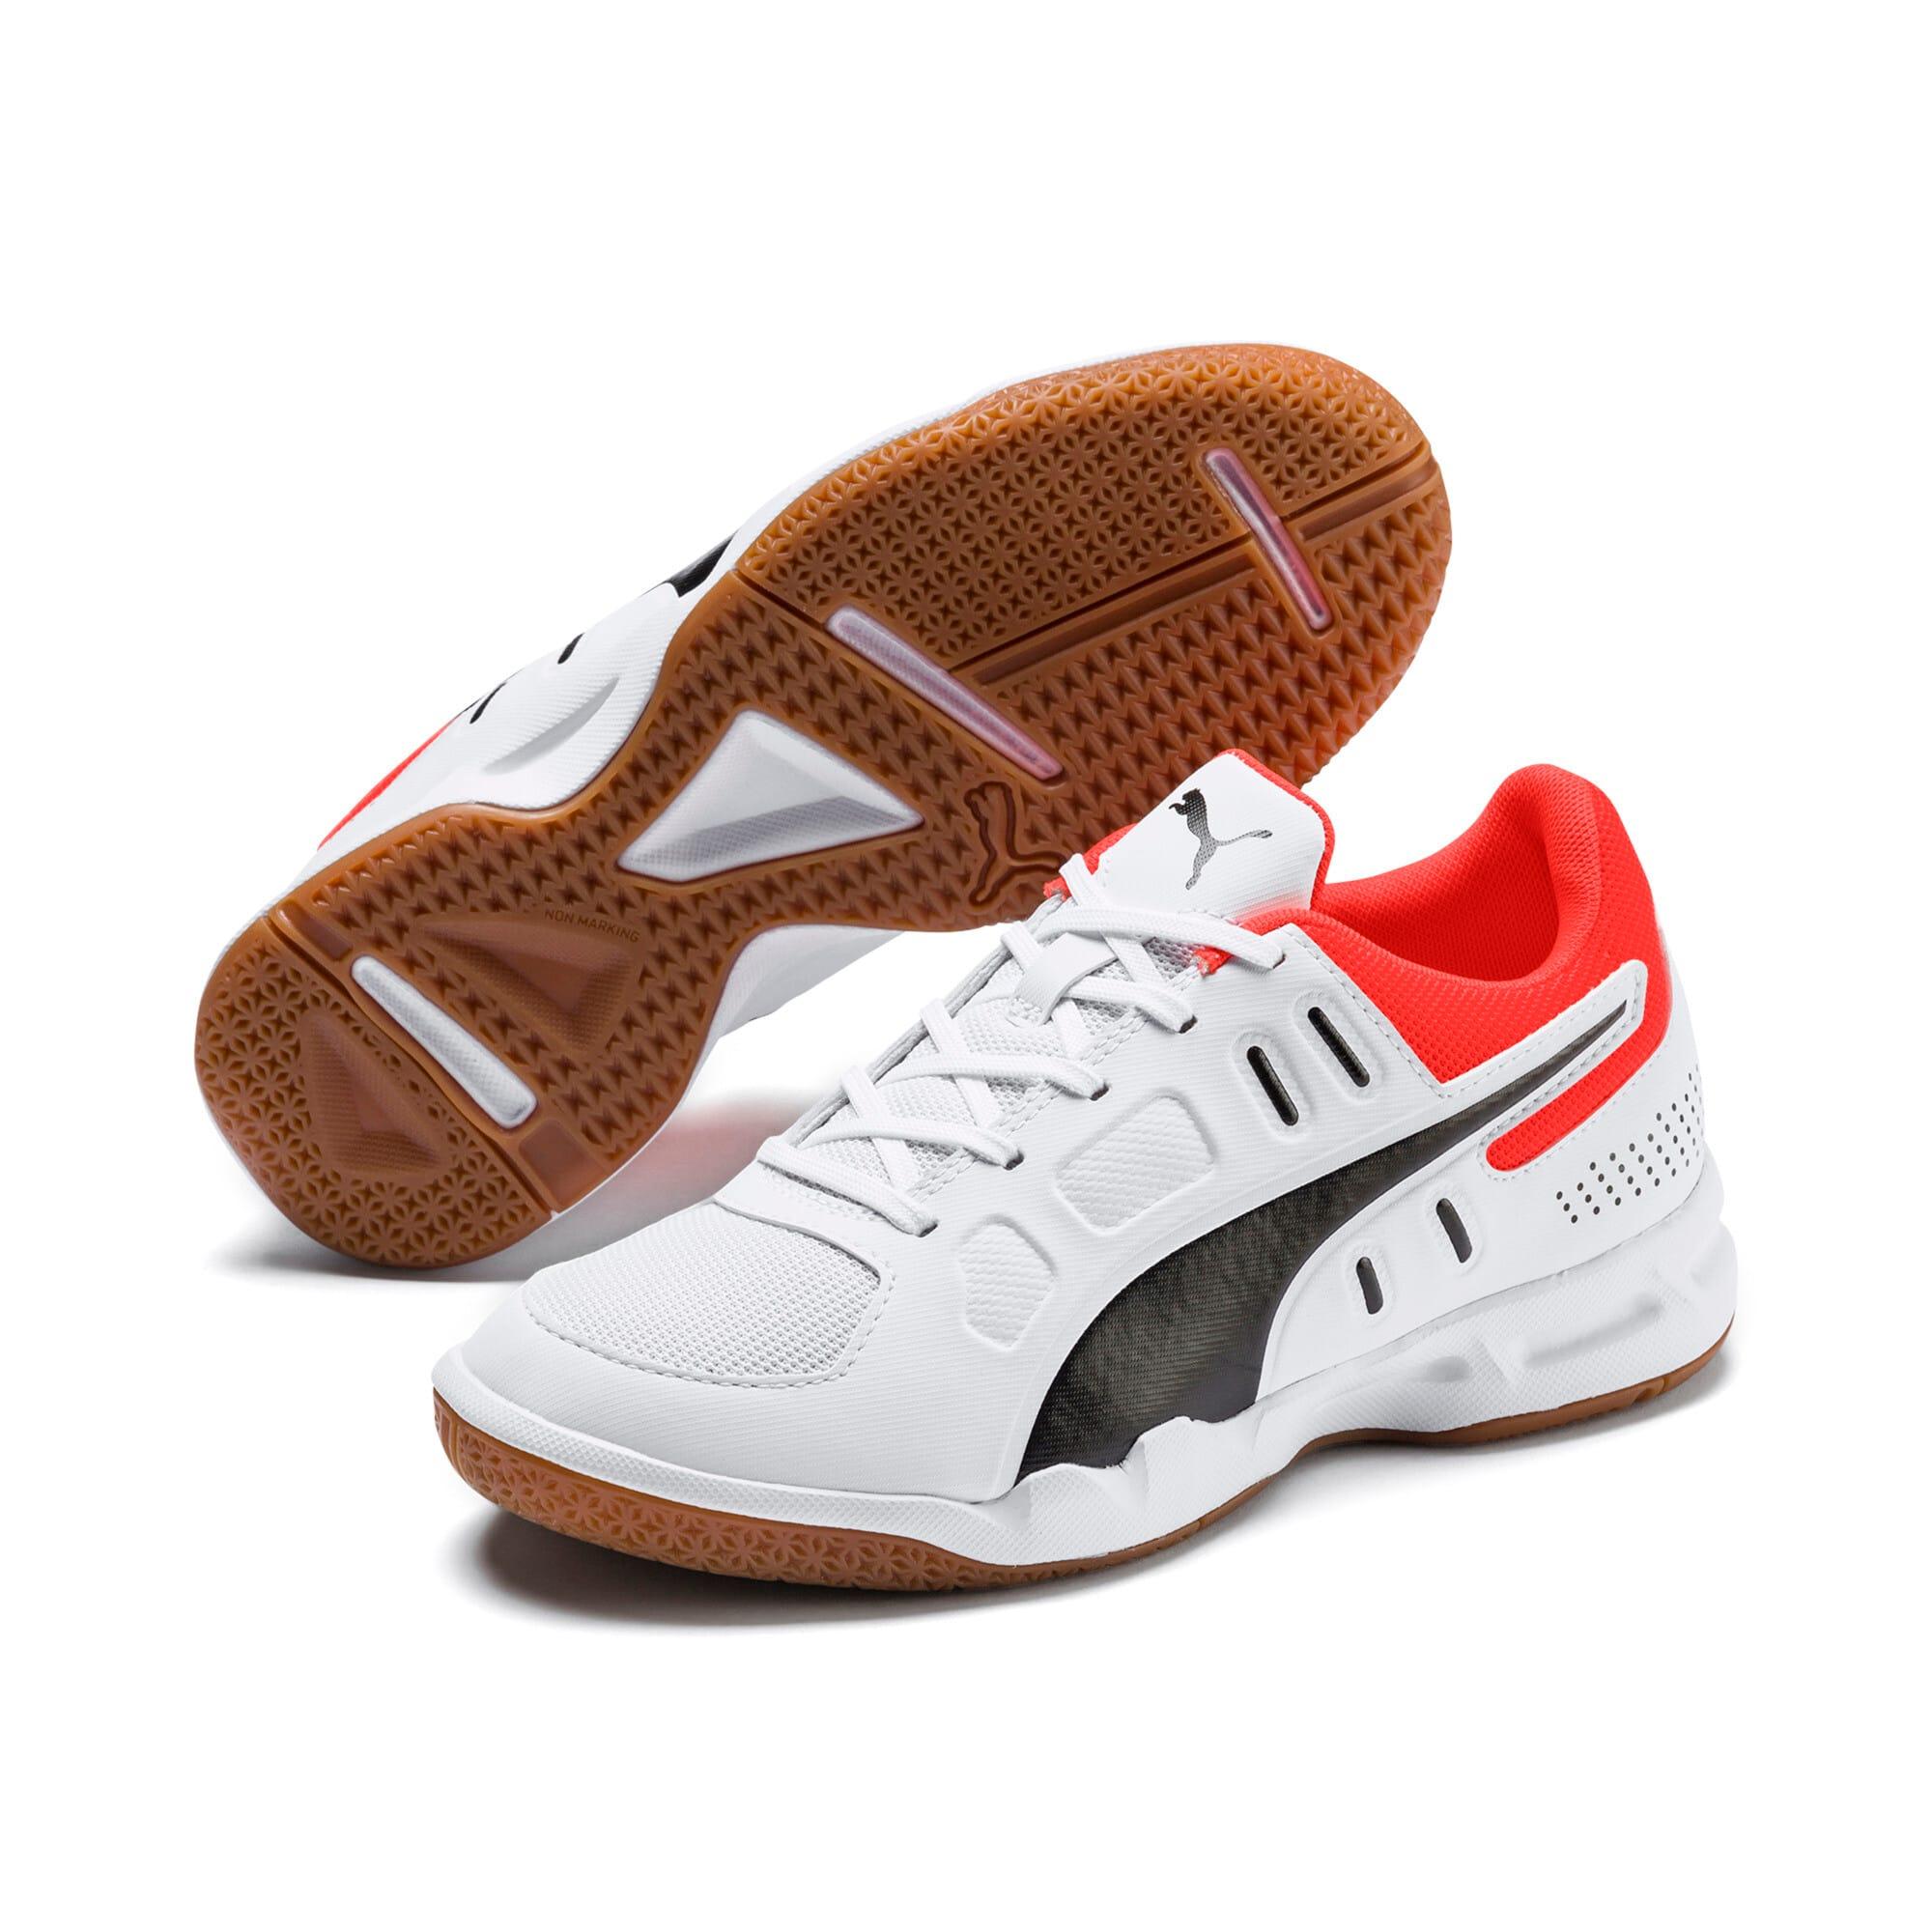 Thumbnail 2 of Auriz Youth Sneaker, White-Black-Nrgy Red-Gum, medium